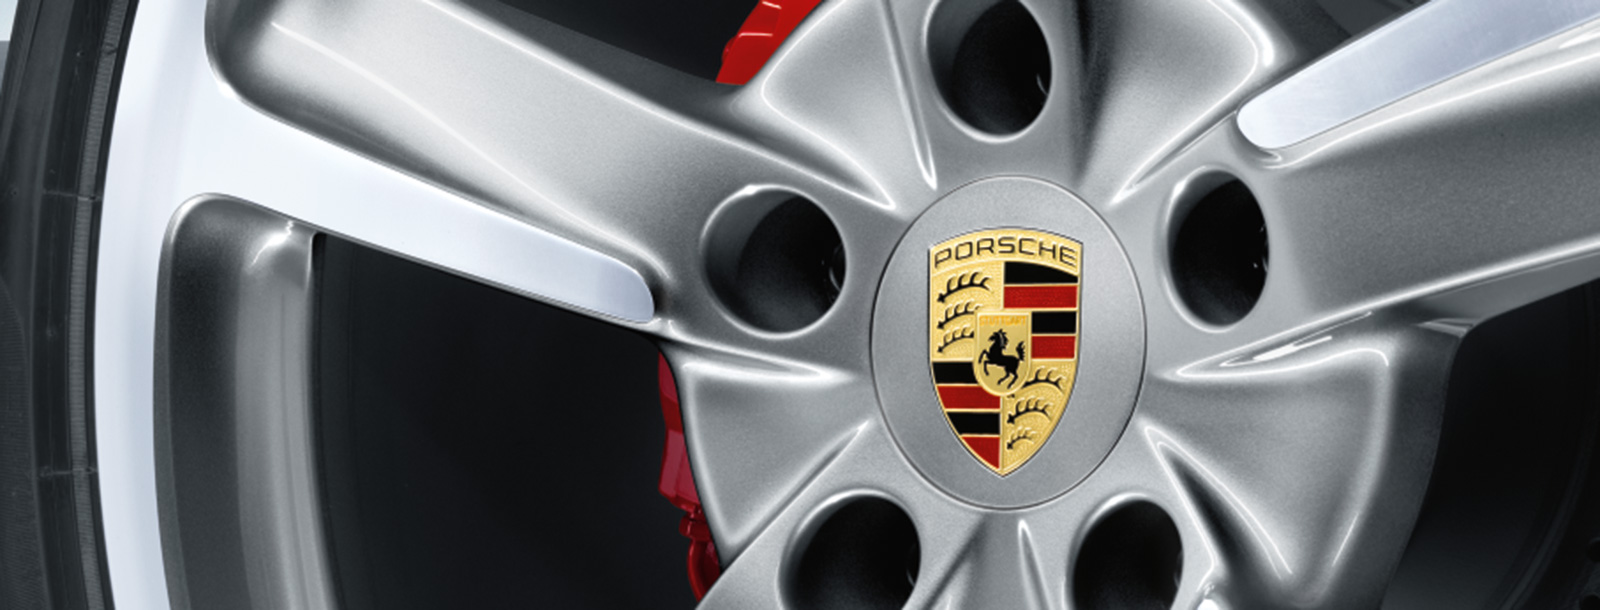 Eine runde Sache: der Porsche Räderservice.